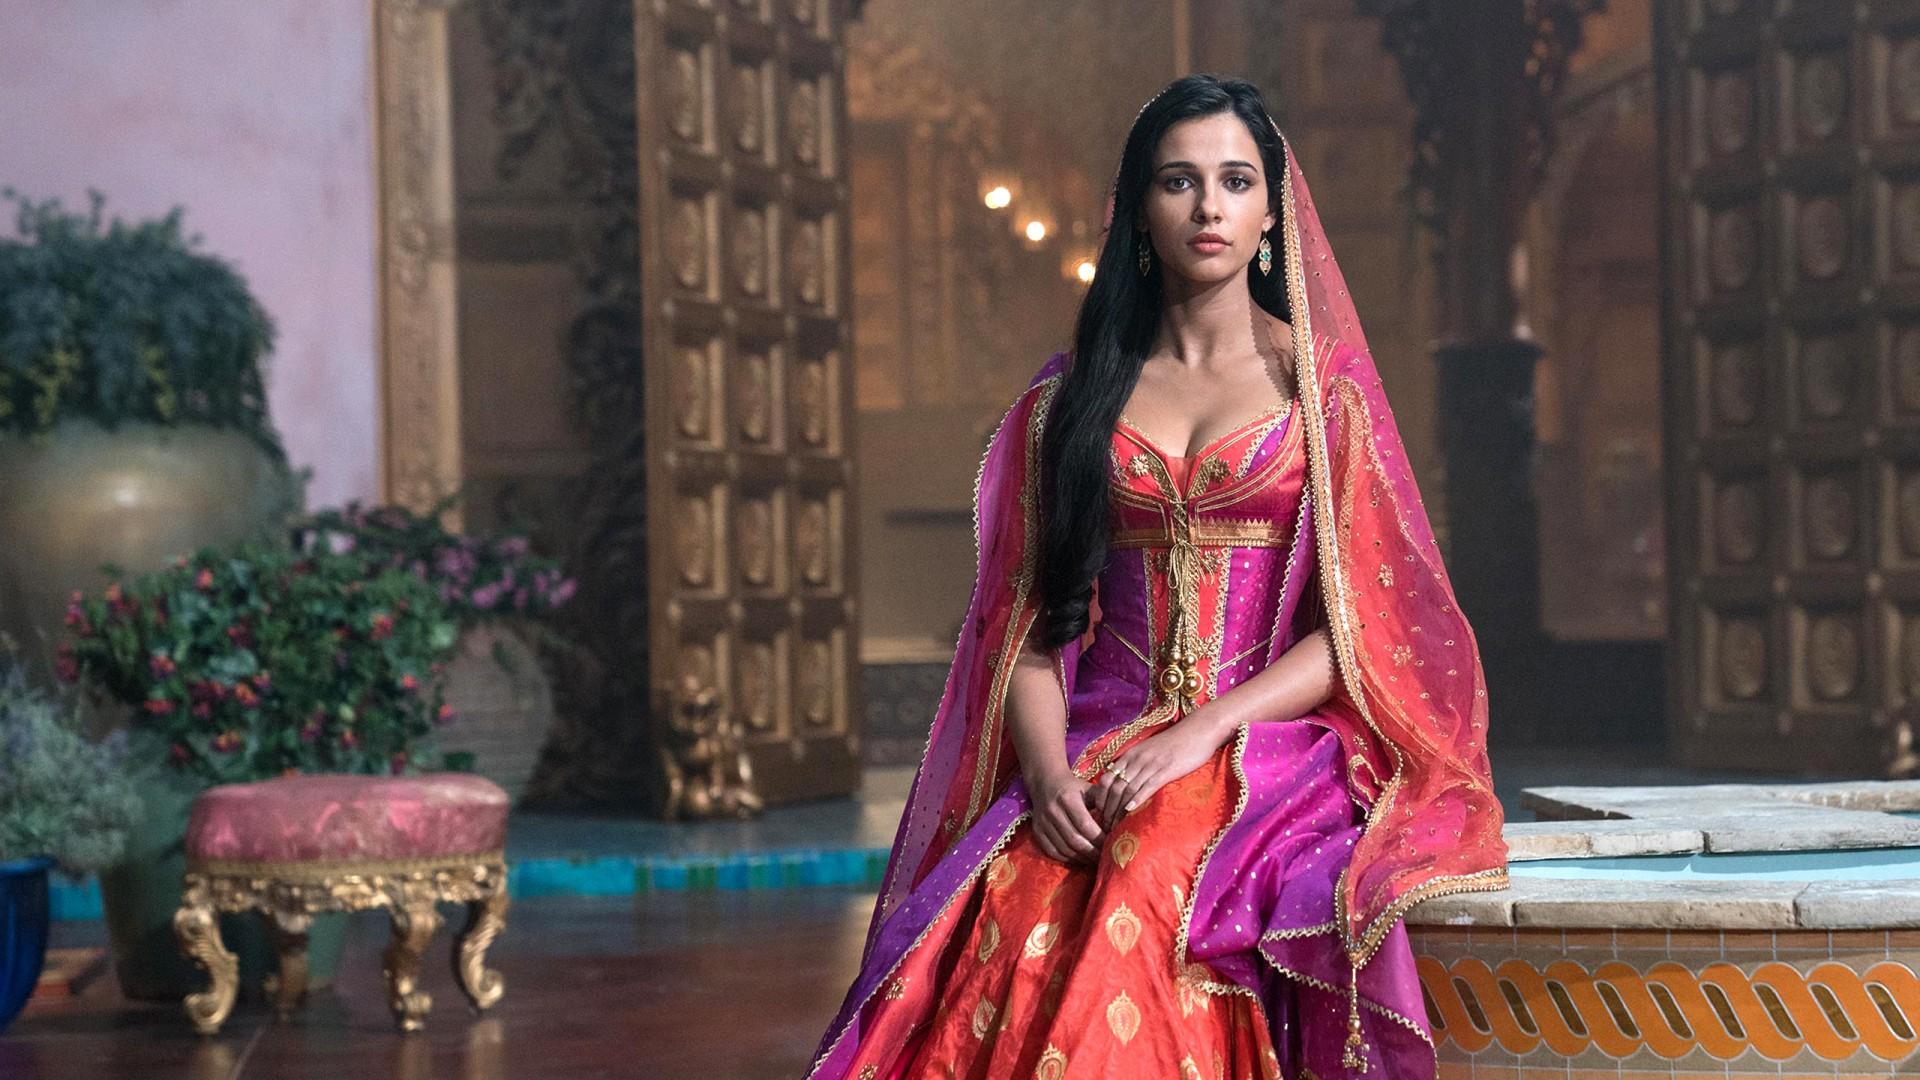 Naomi Scott as Princess Jasmine in Aladdin Wallpapers  HD Wallpapers  ID 28201